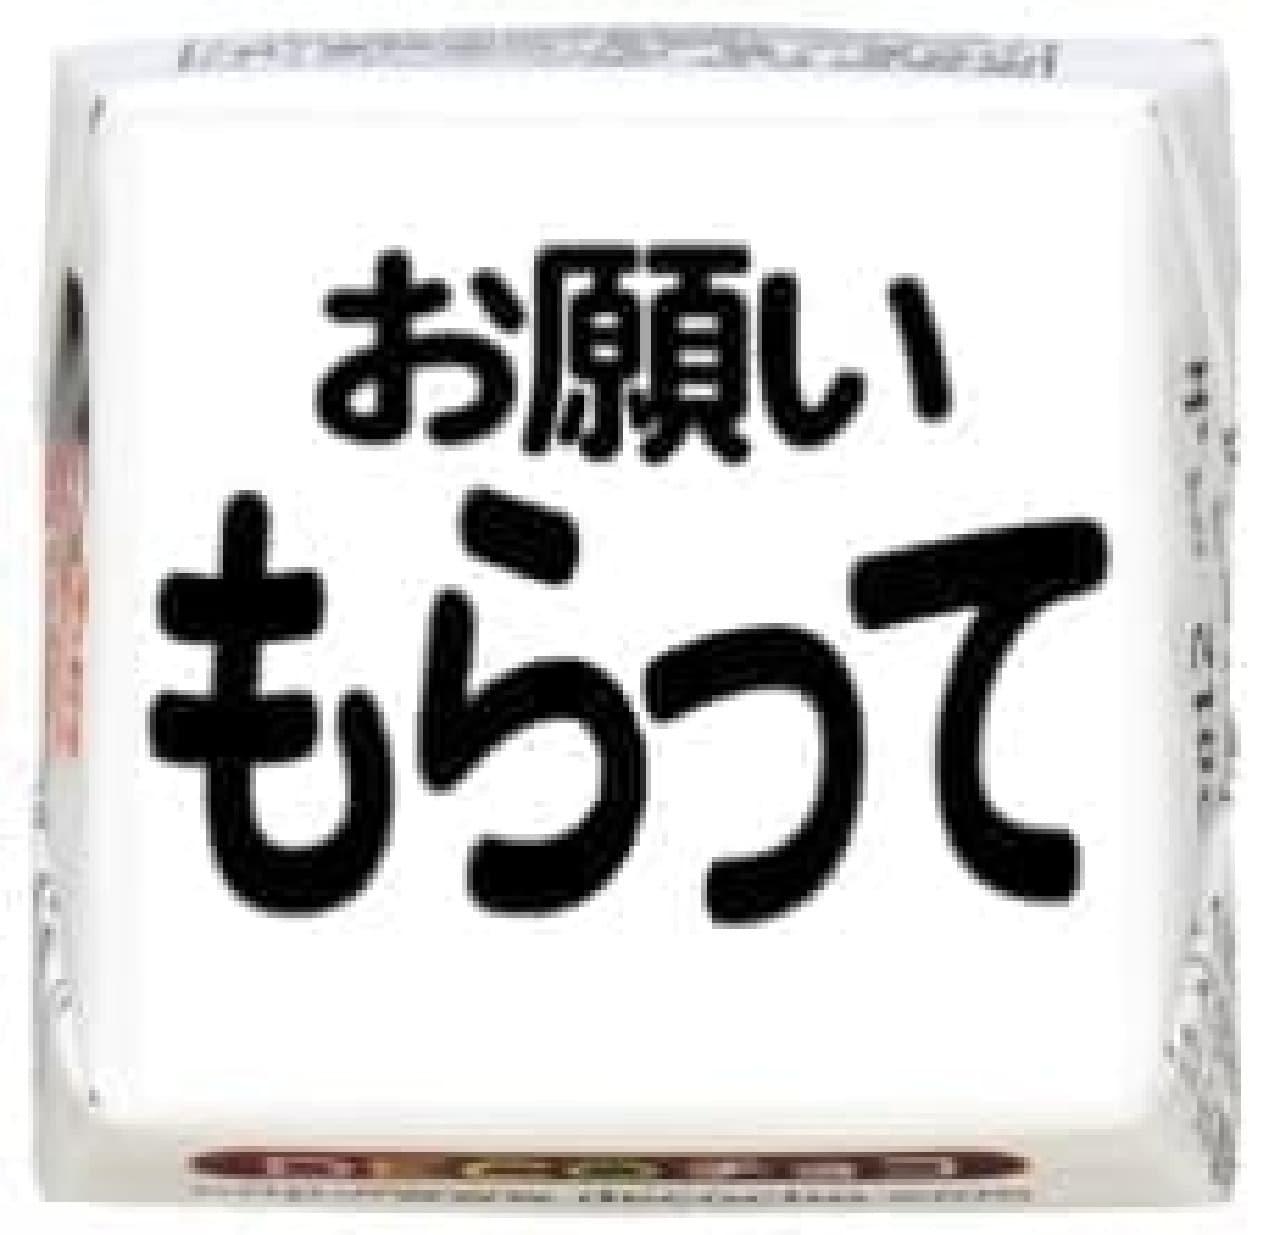 意中の相手に  (出典:「DECO チョコ工房」)